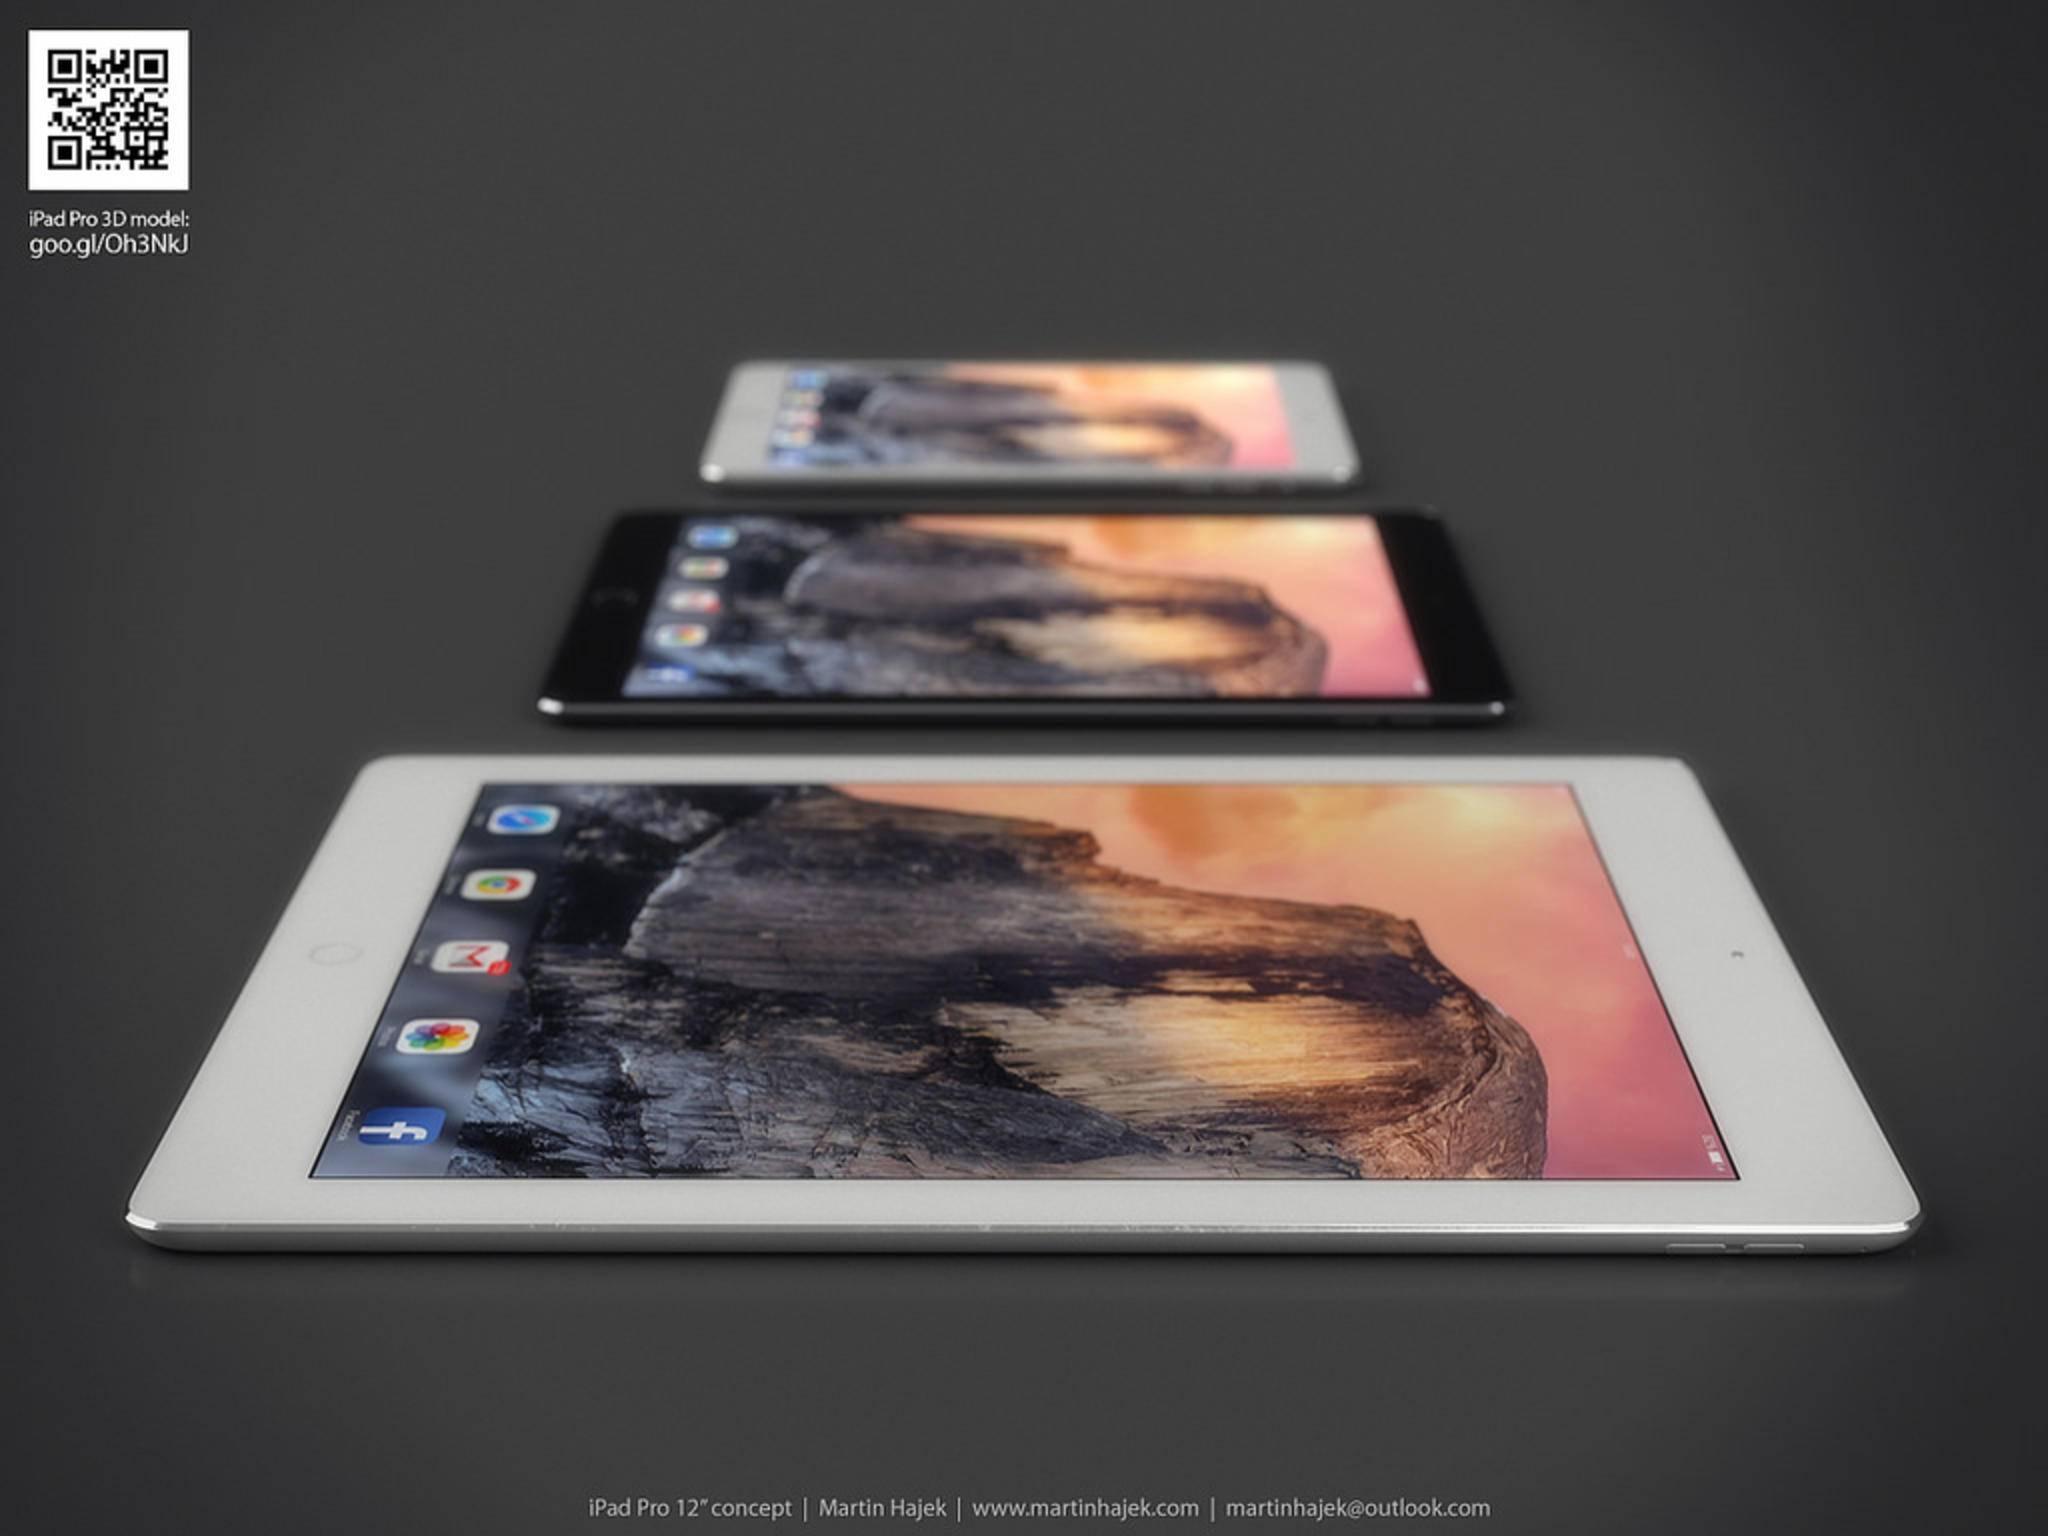 Das iPad Plus soll einen 12,9-Zoll-Screen bekommen.